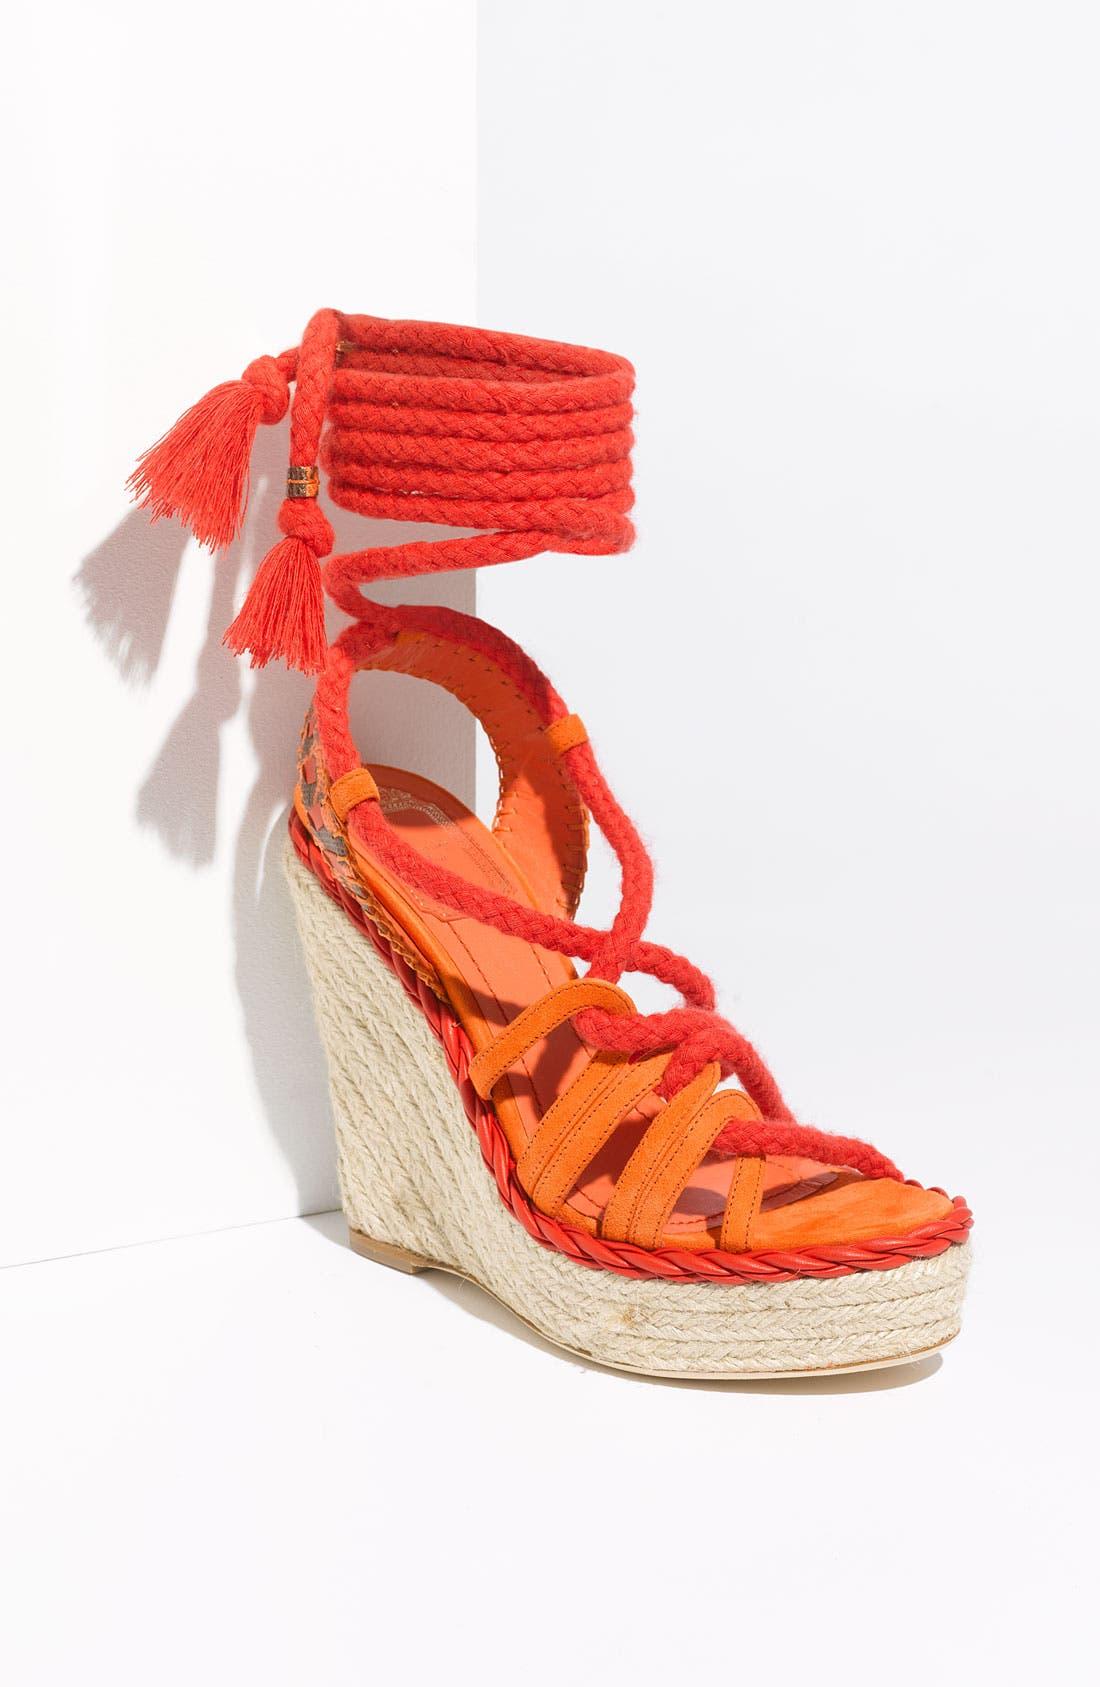 Alternate Image 1 Selected - Dior 'Tahiti' Platform Wedge Sandal